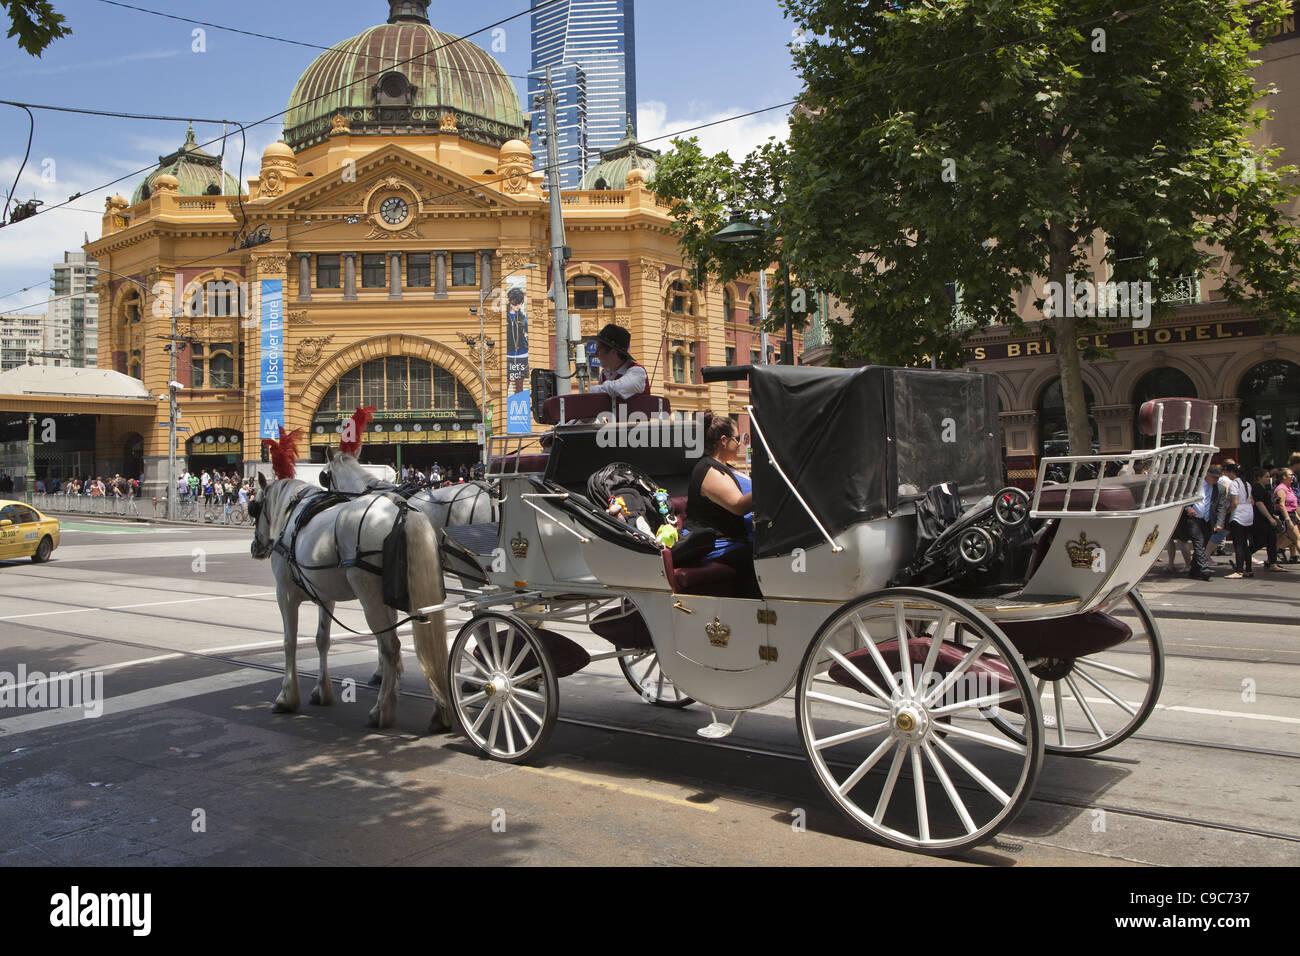 Sunny Melbourne journée sur les systèmes de transport de la ville. l'appeler transport à la gare de Flinders Street. Banque D'Images